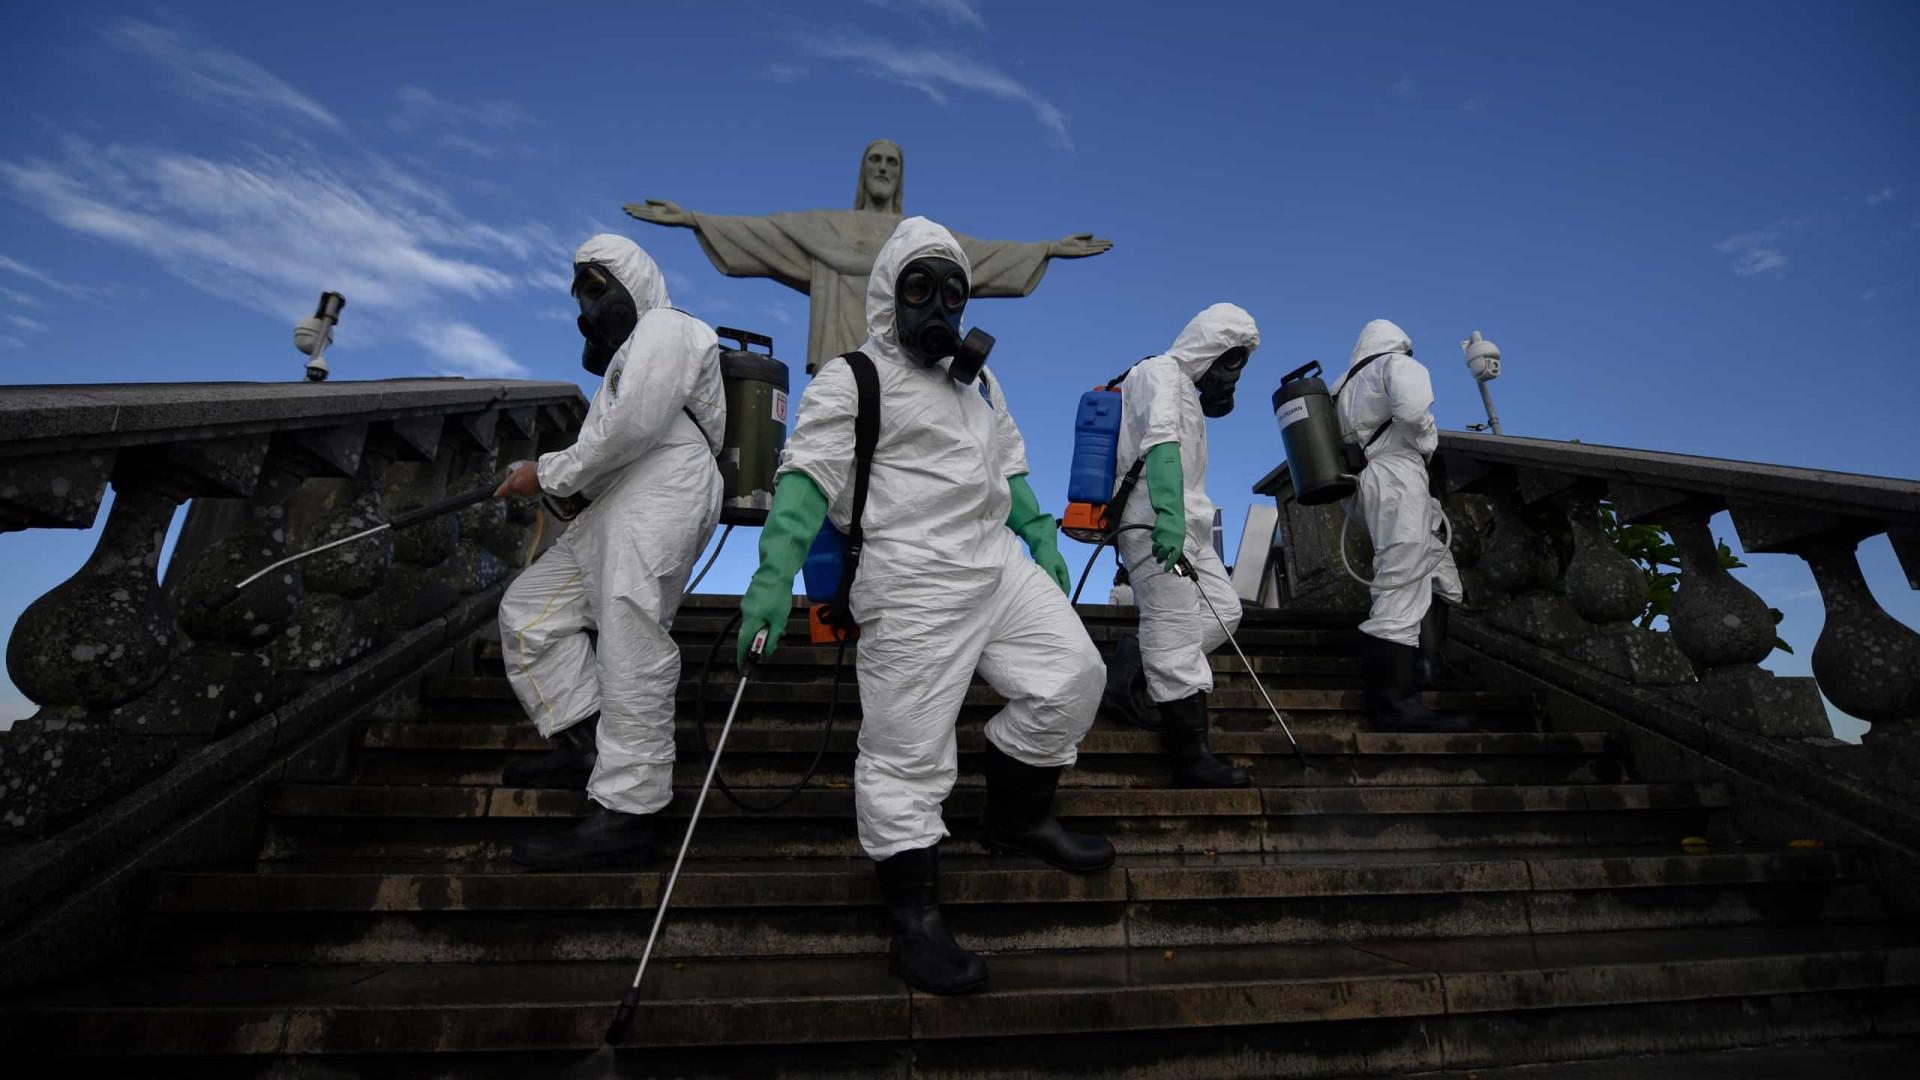 AO MINUTO: Brasil com 60.091 novos casos. Mais de 750 mil mortes no mundo